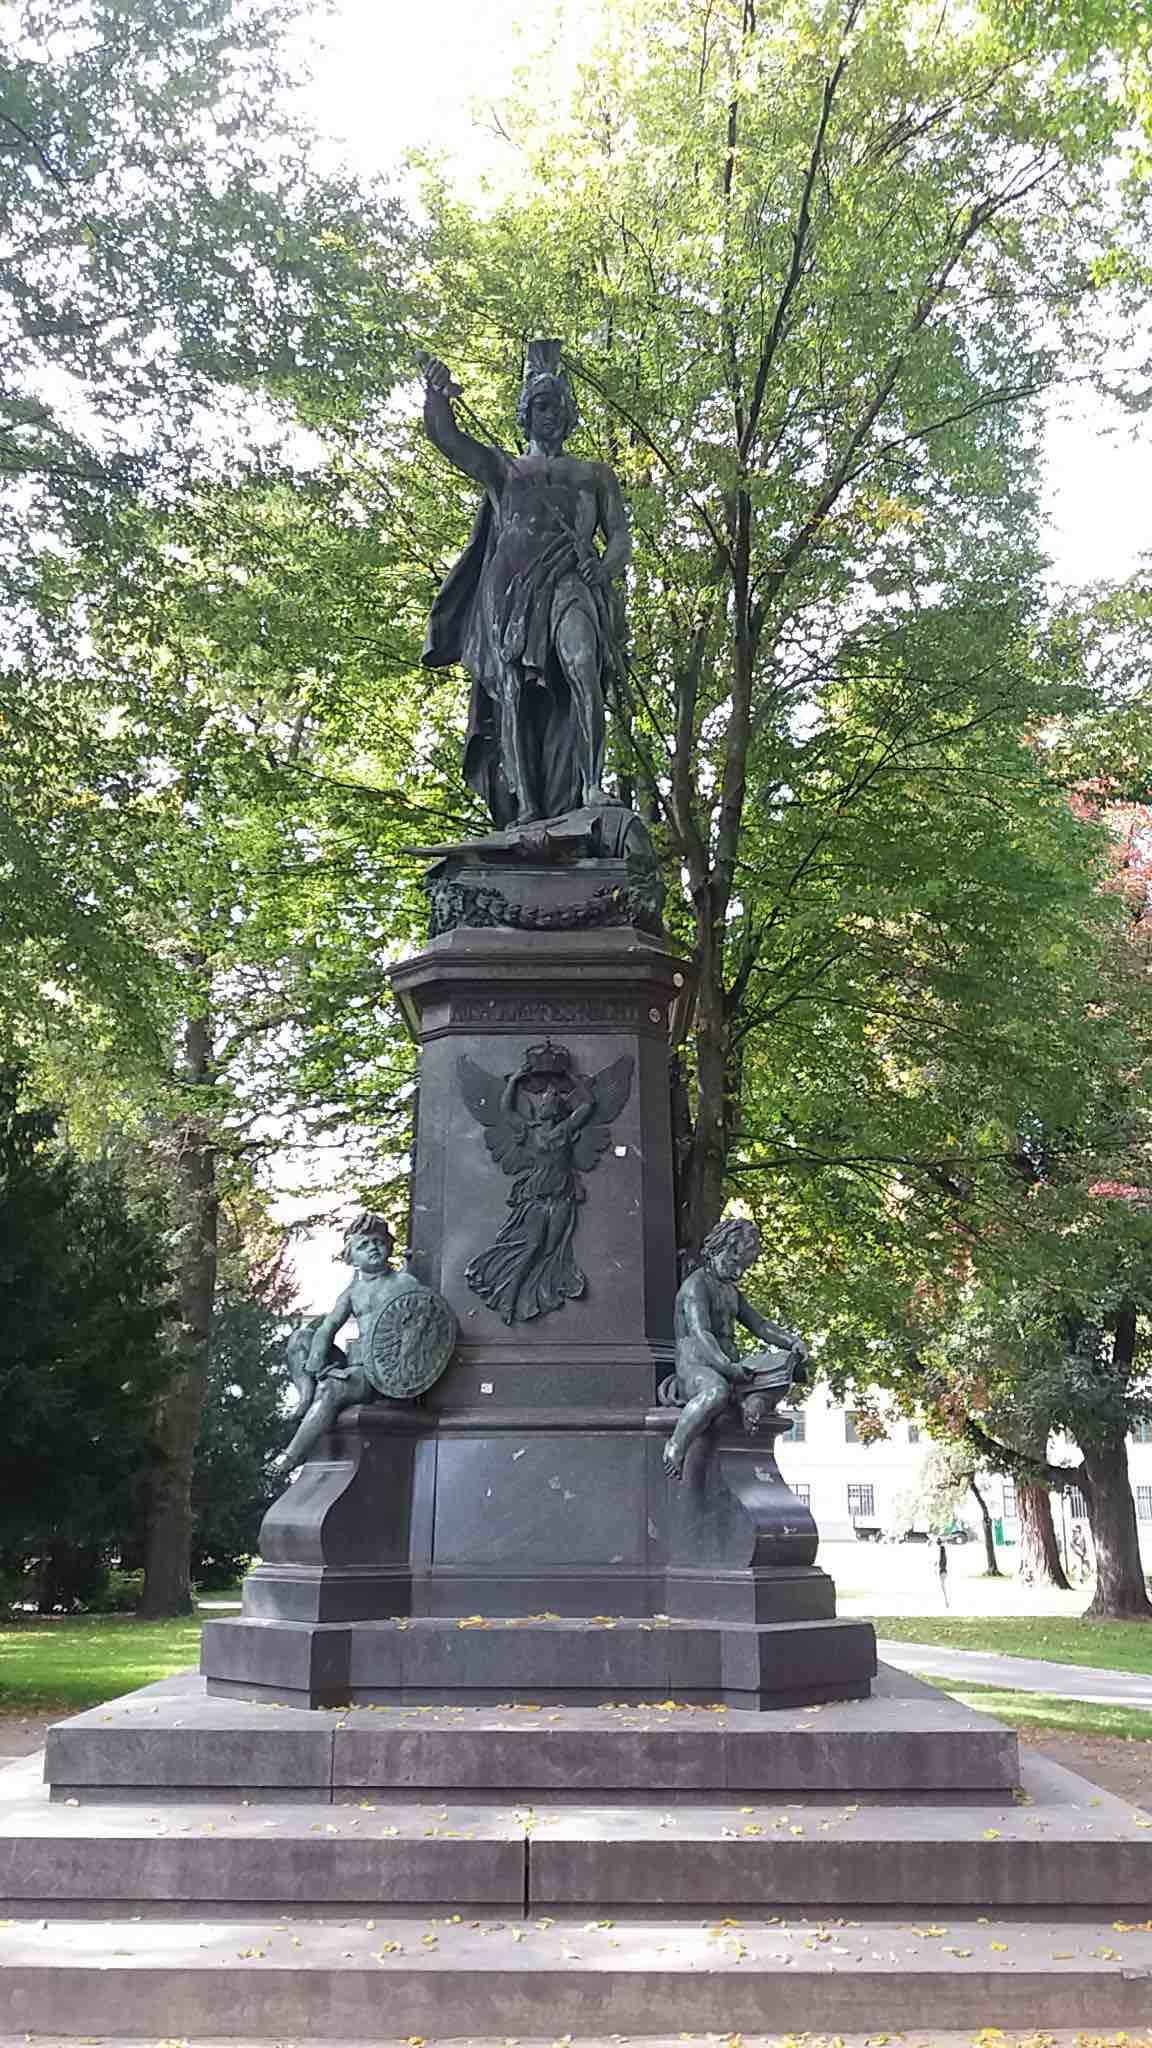 Den Feind im Übertötungsrausch schänden: Heldengedenken in Augsburg